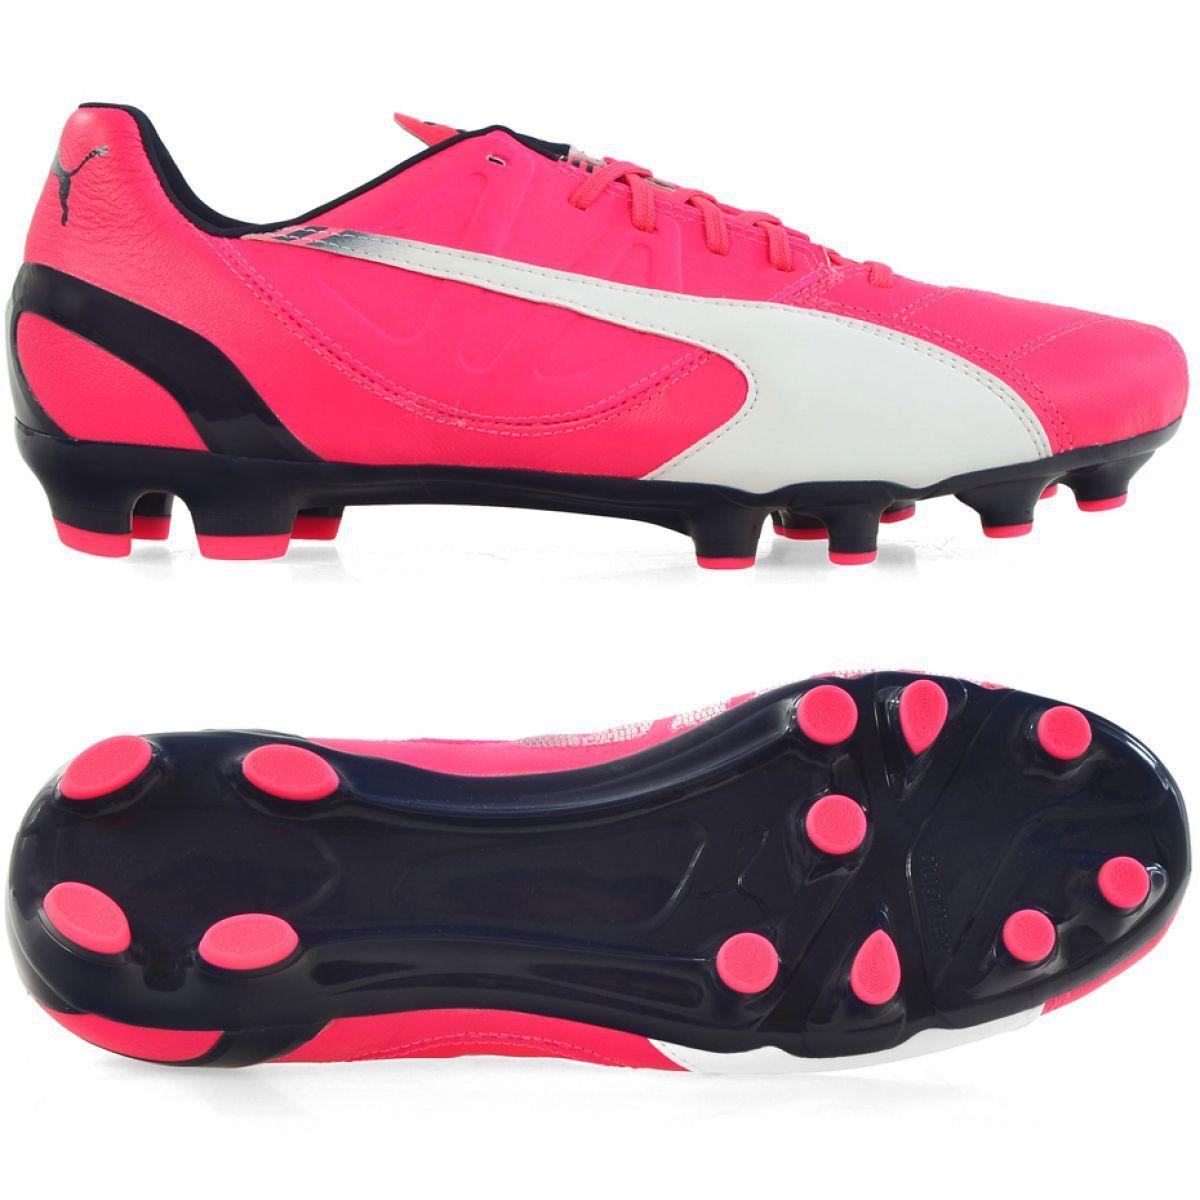 Buty Pilkarskie Puma Evo Speed 3 3 Fg M 103014 03 Rozowe Rozowe Nike Air Max Air Max Sneakers Sneakers Nike